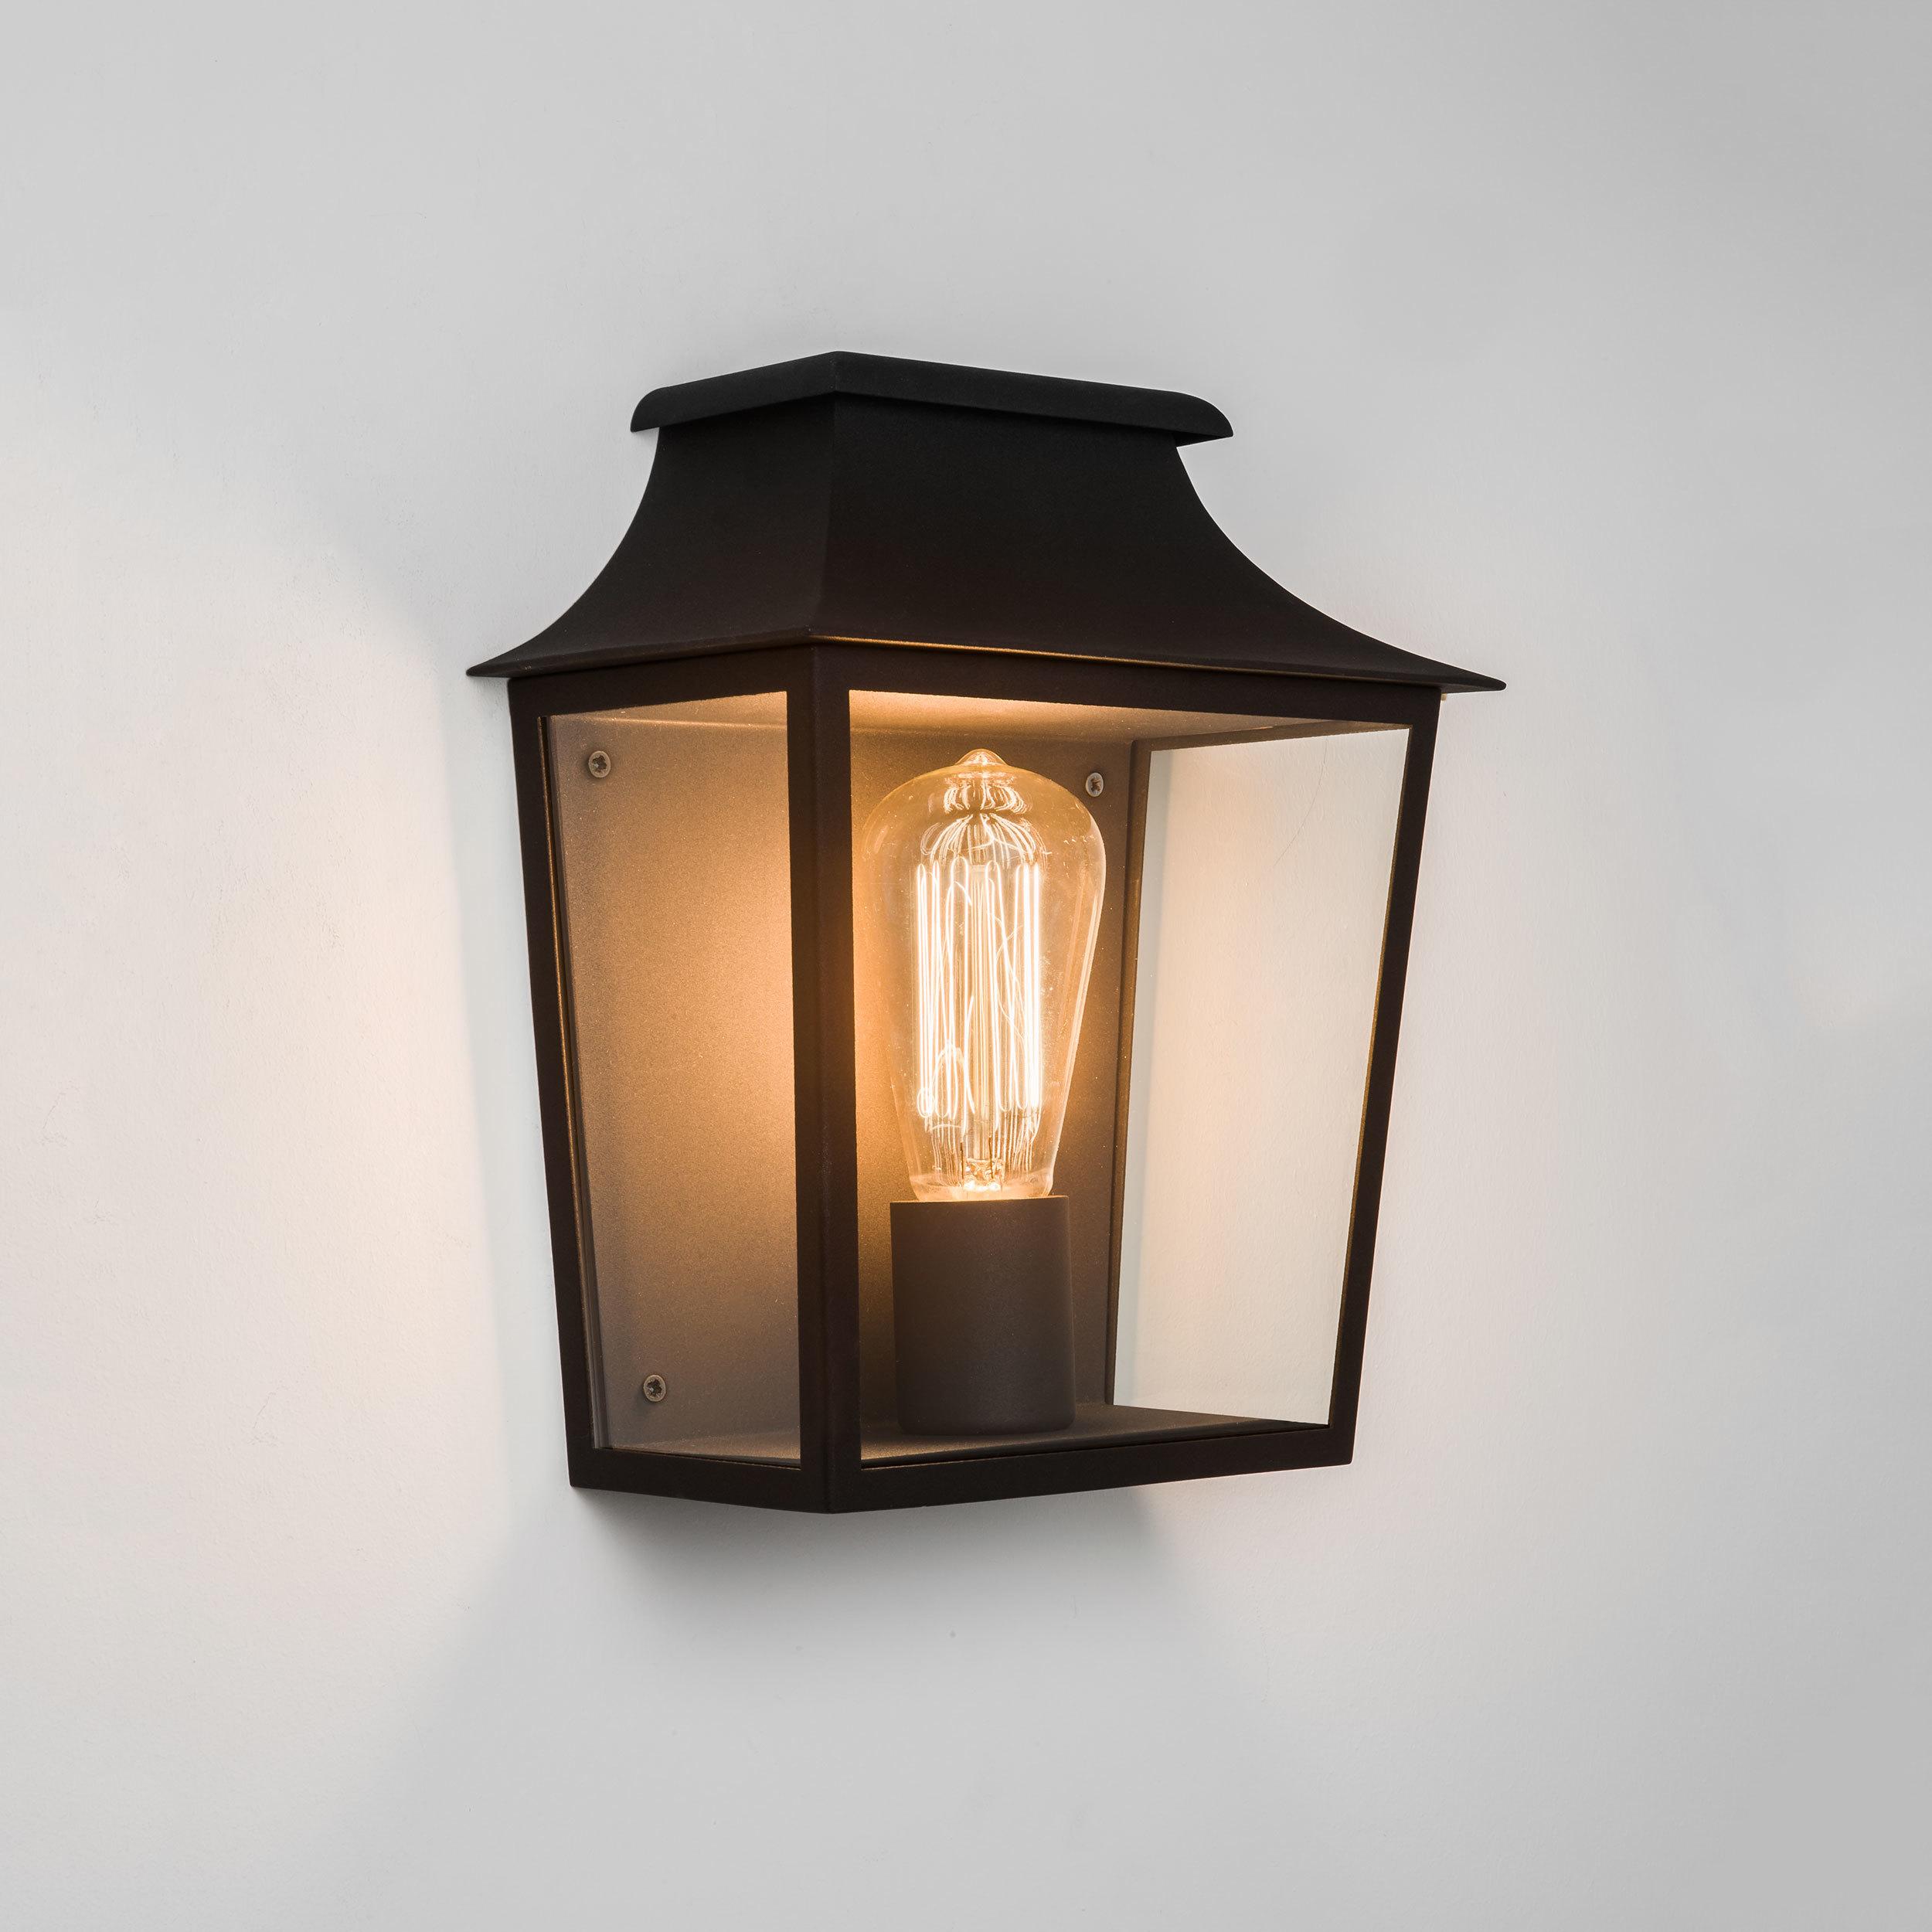 Настенный фонарь Astro Richmond 1340001 (7270), IP44, 1xE27x60W, черный, прозрачный, стекло - фото 1